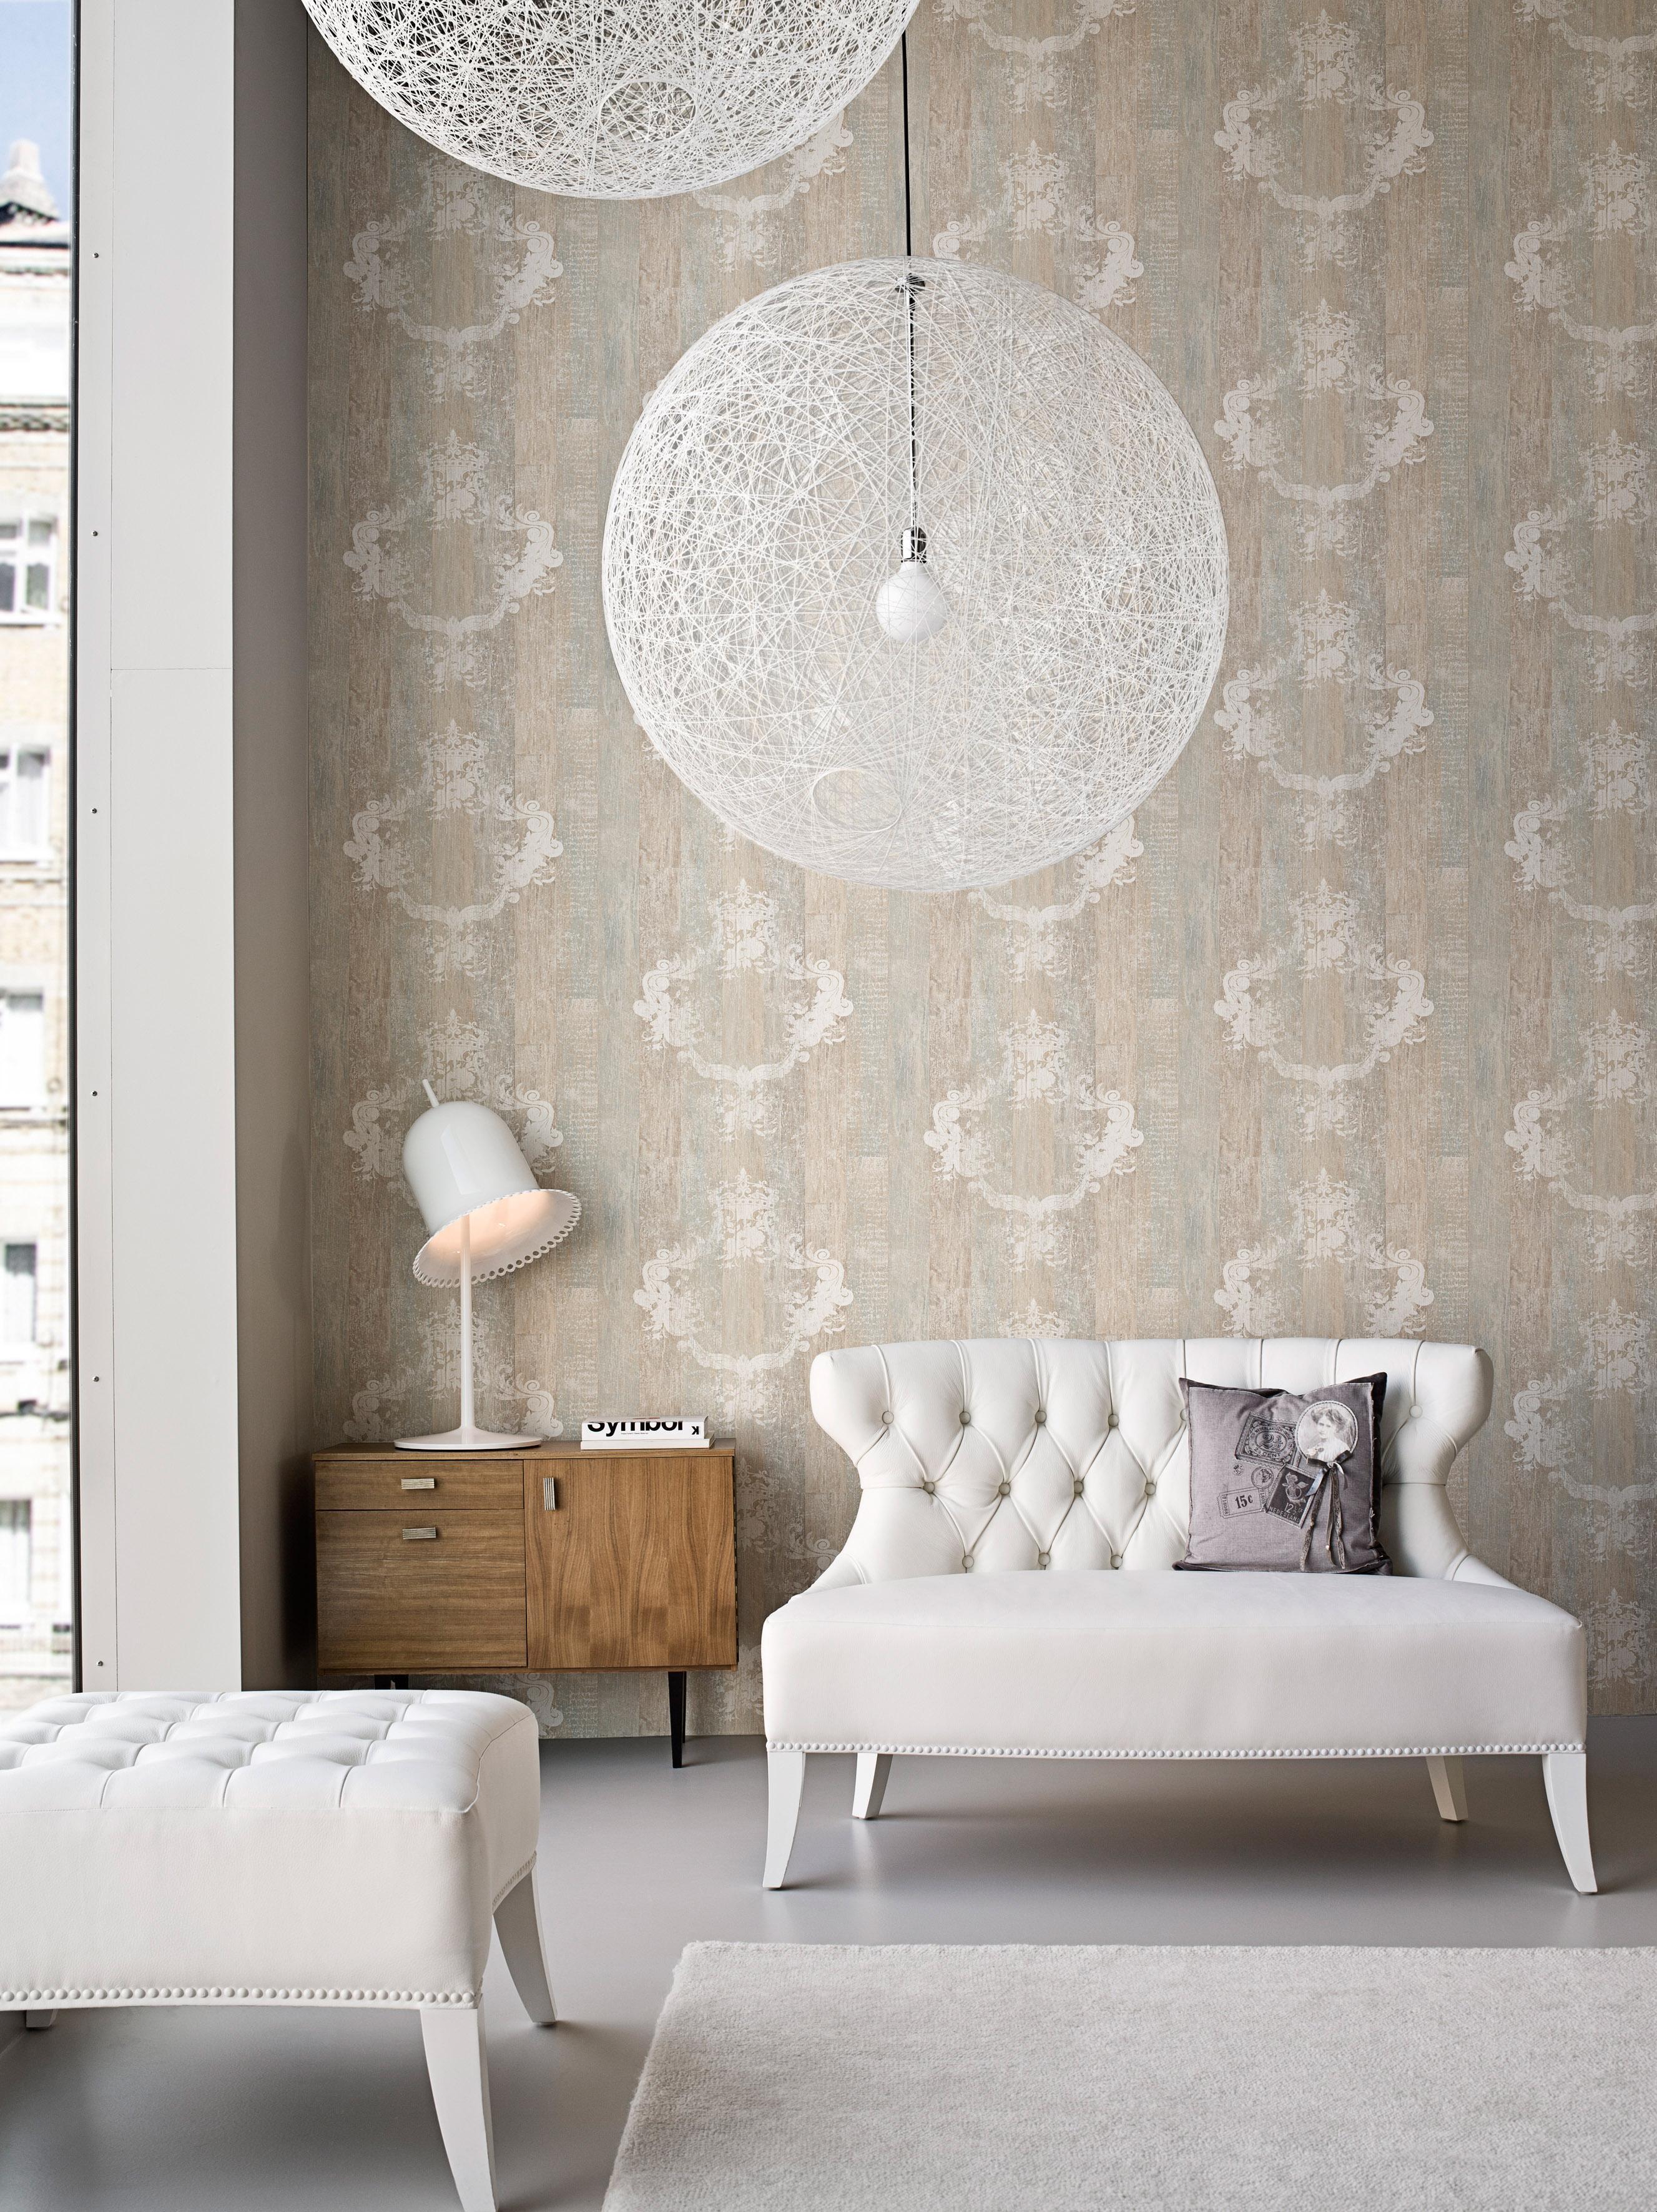 Beigefarbene Tapete • Bilder & Ideen • Couchstyle